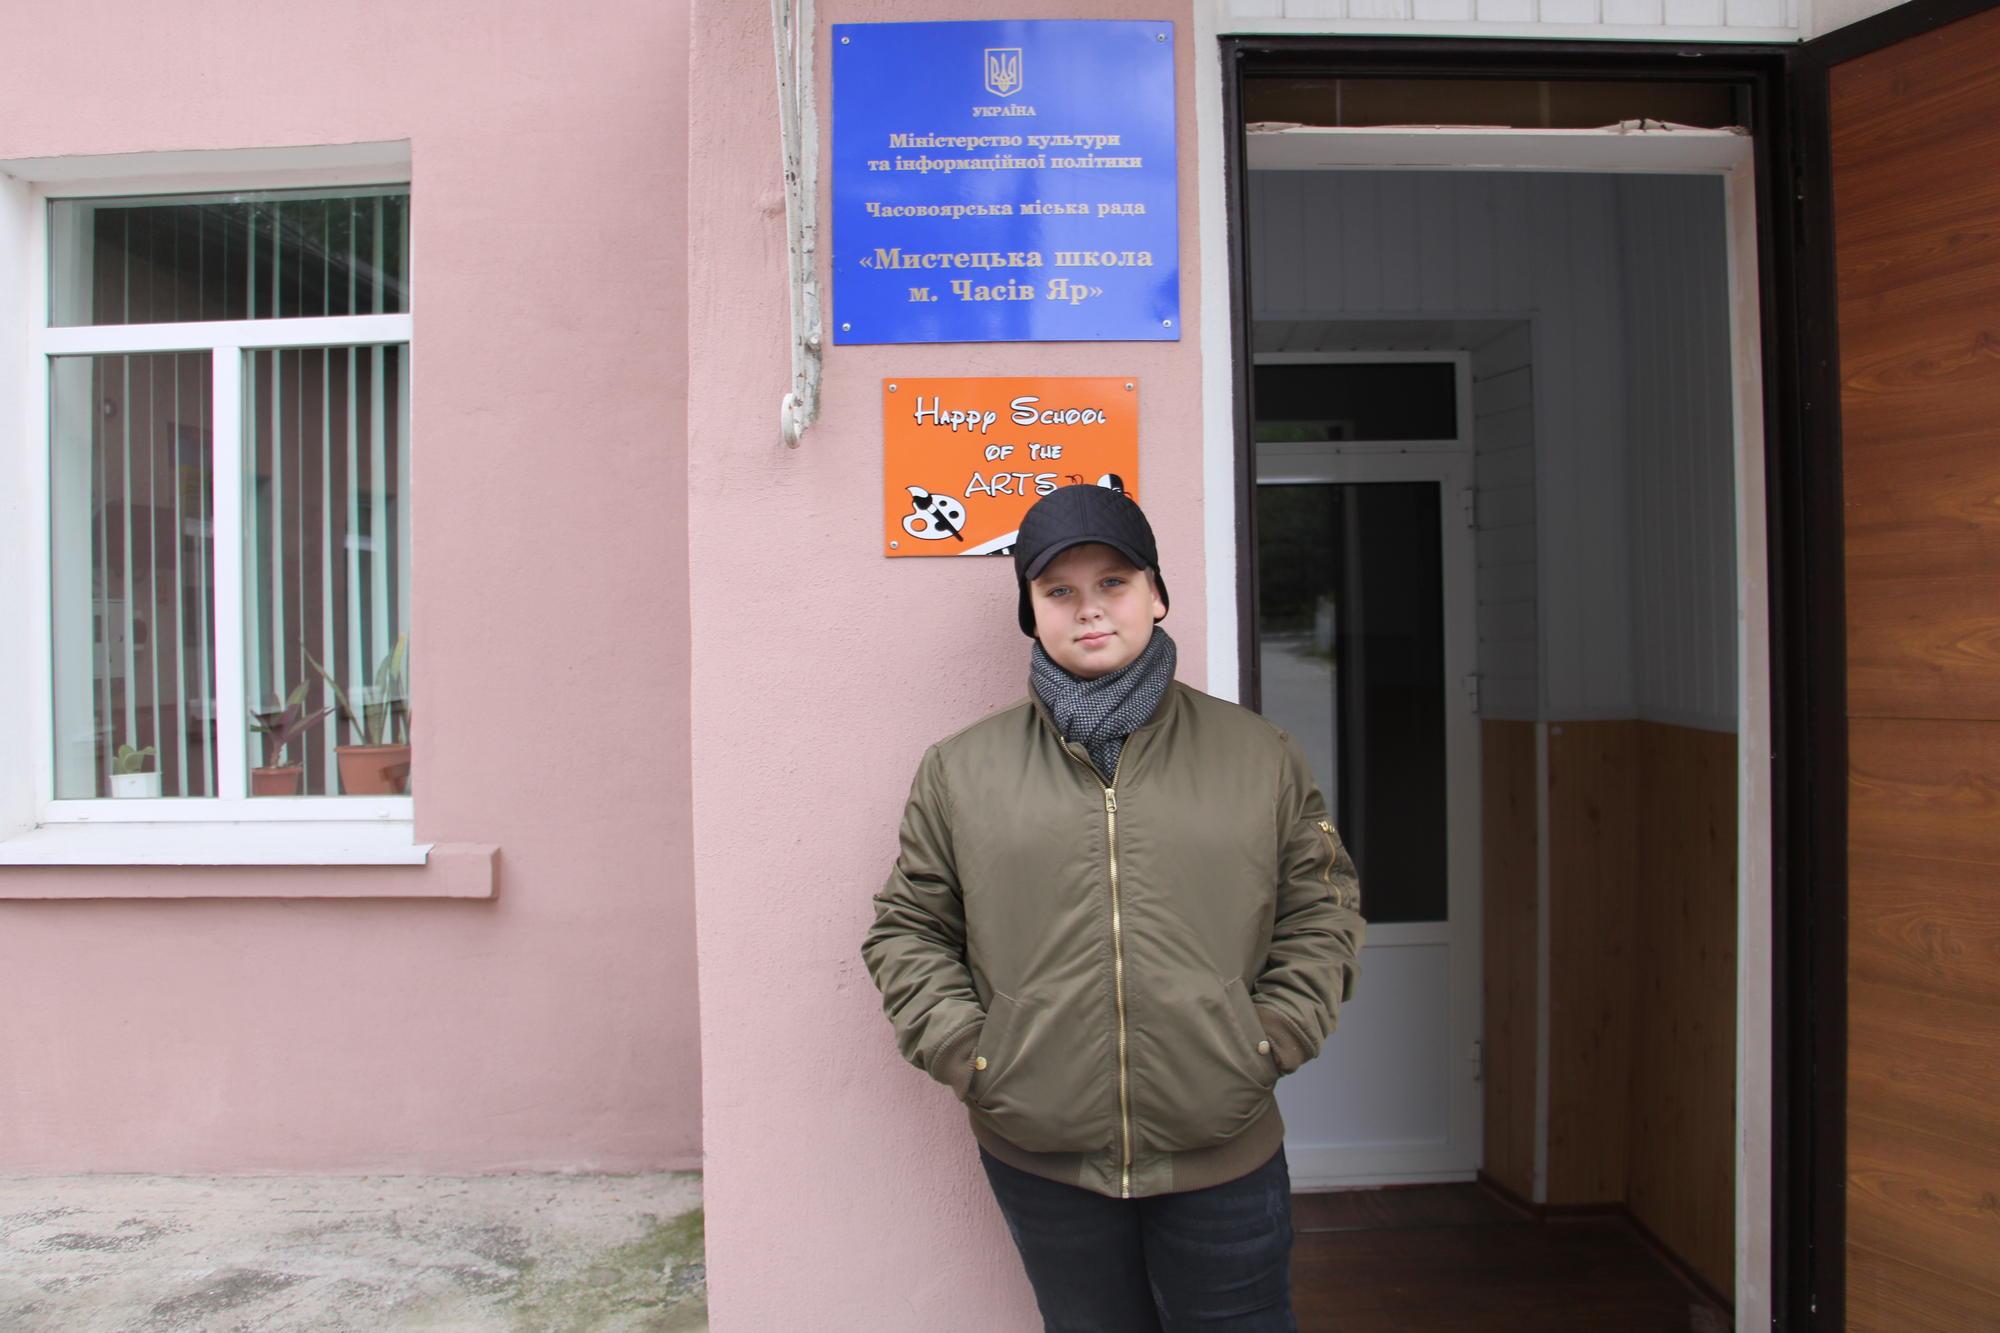 Іван Гомольський біля мистецької школи у Часів Ярі